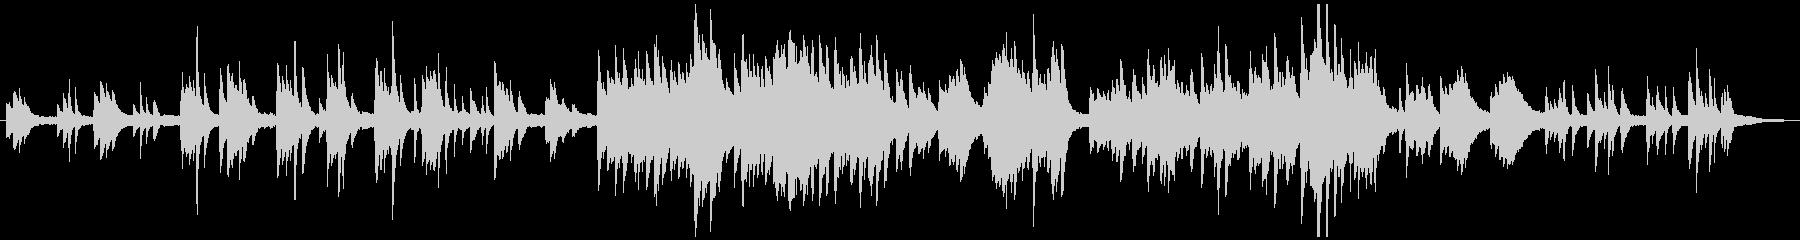 ソロピアノの伝統的クリスマス・キャロルの未再生の波形